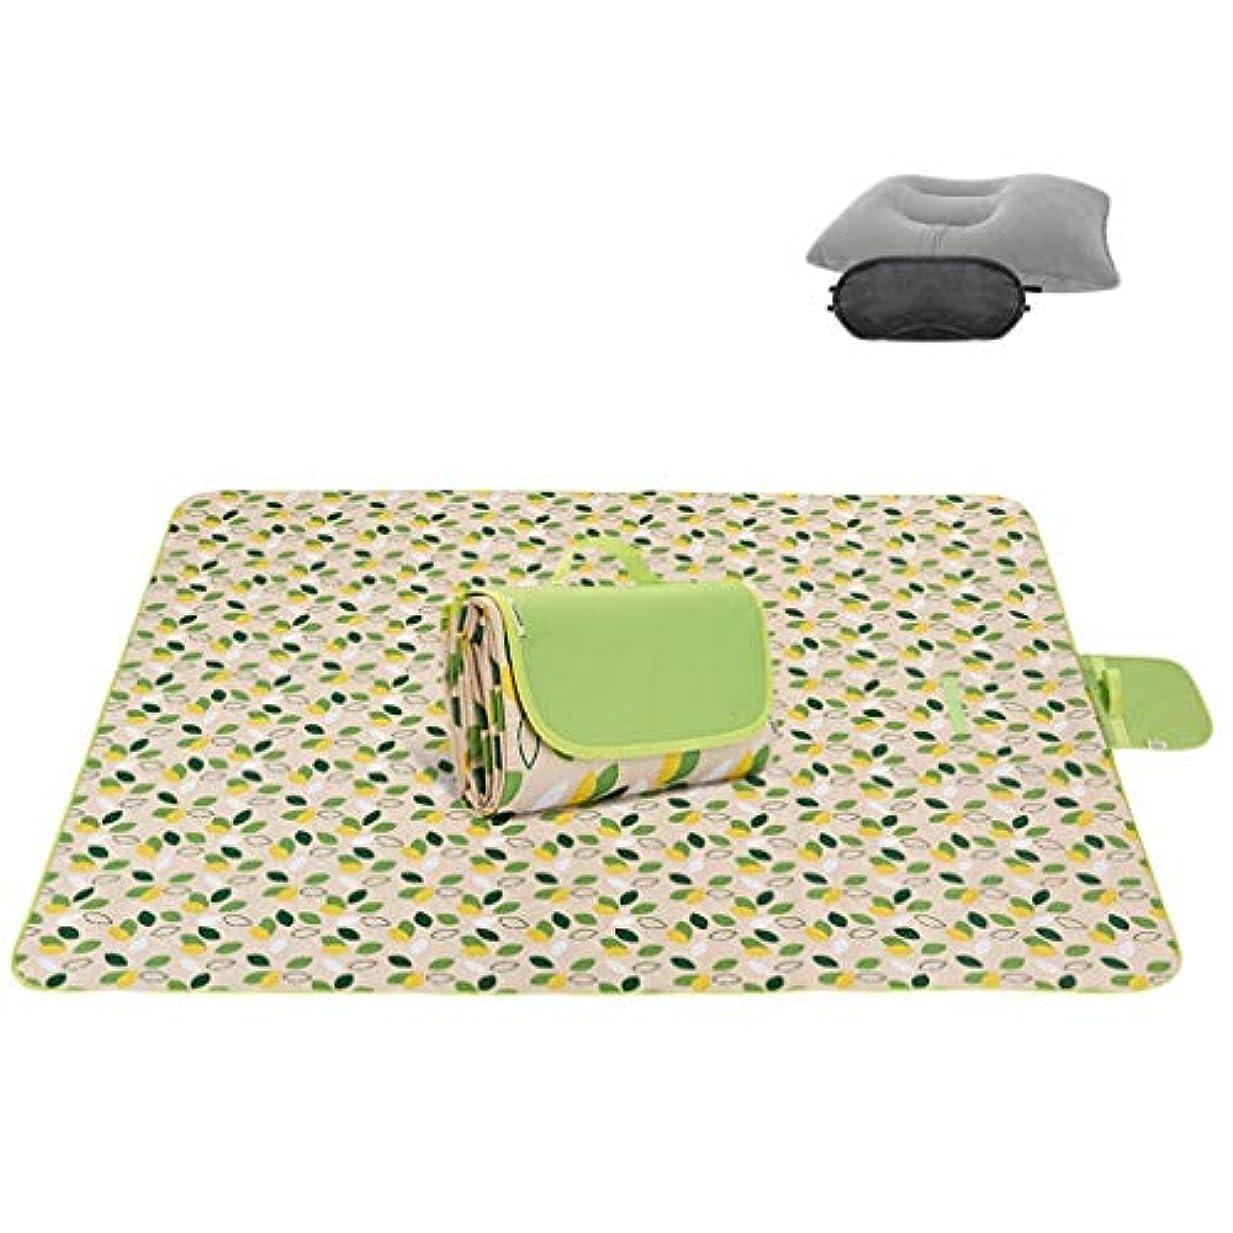 すなわち精巧な時オックスフォード布ピクニック毛布折りたたみ屋外ビーチマットピクニックマット防水砂防公園毛布家族の日中、旅行 (Size : 195*200cm)